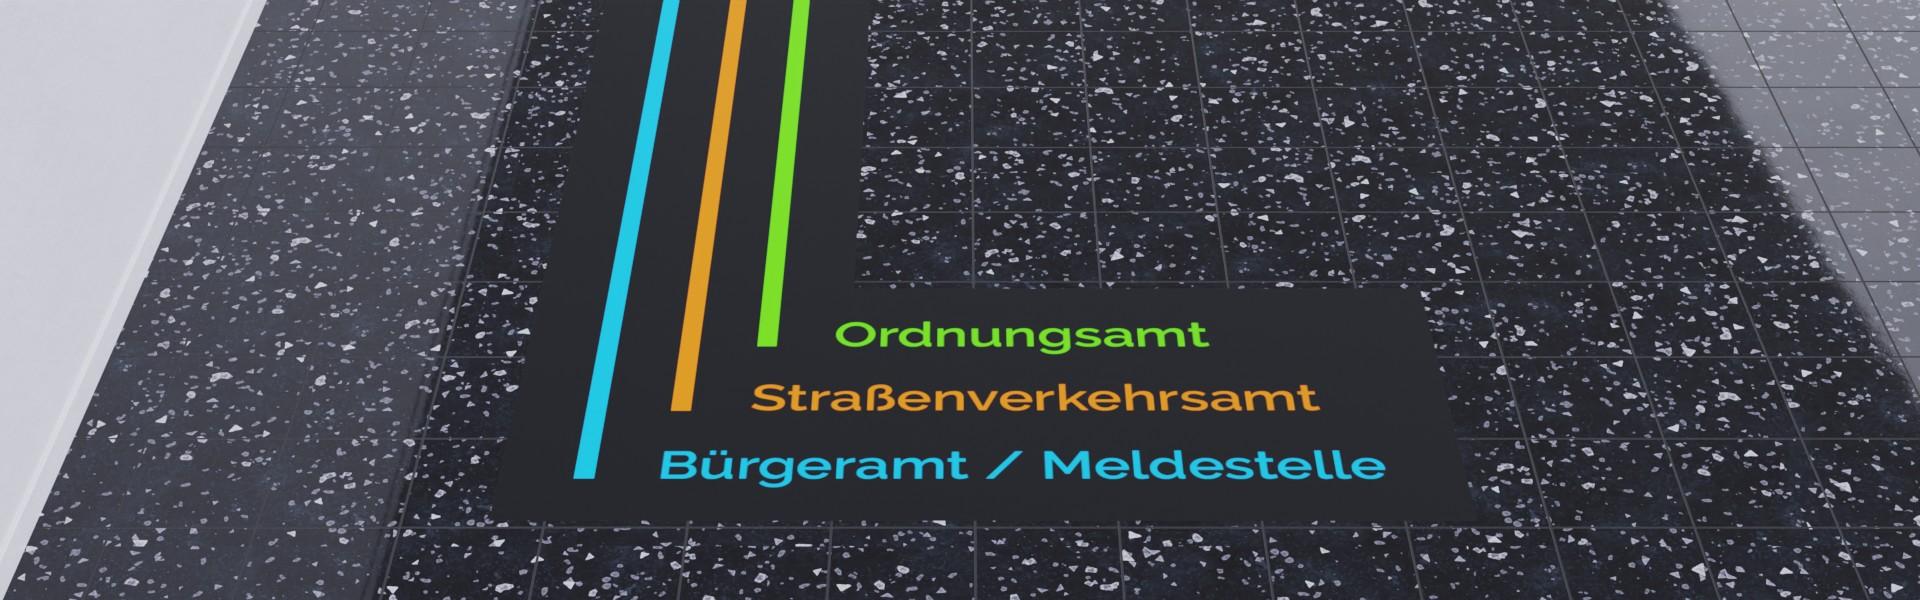 Beklebung und Beschriftung von Böden / Fußböden mit Markierungen als Wegeleitsysteme